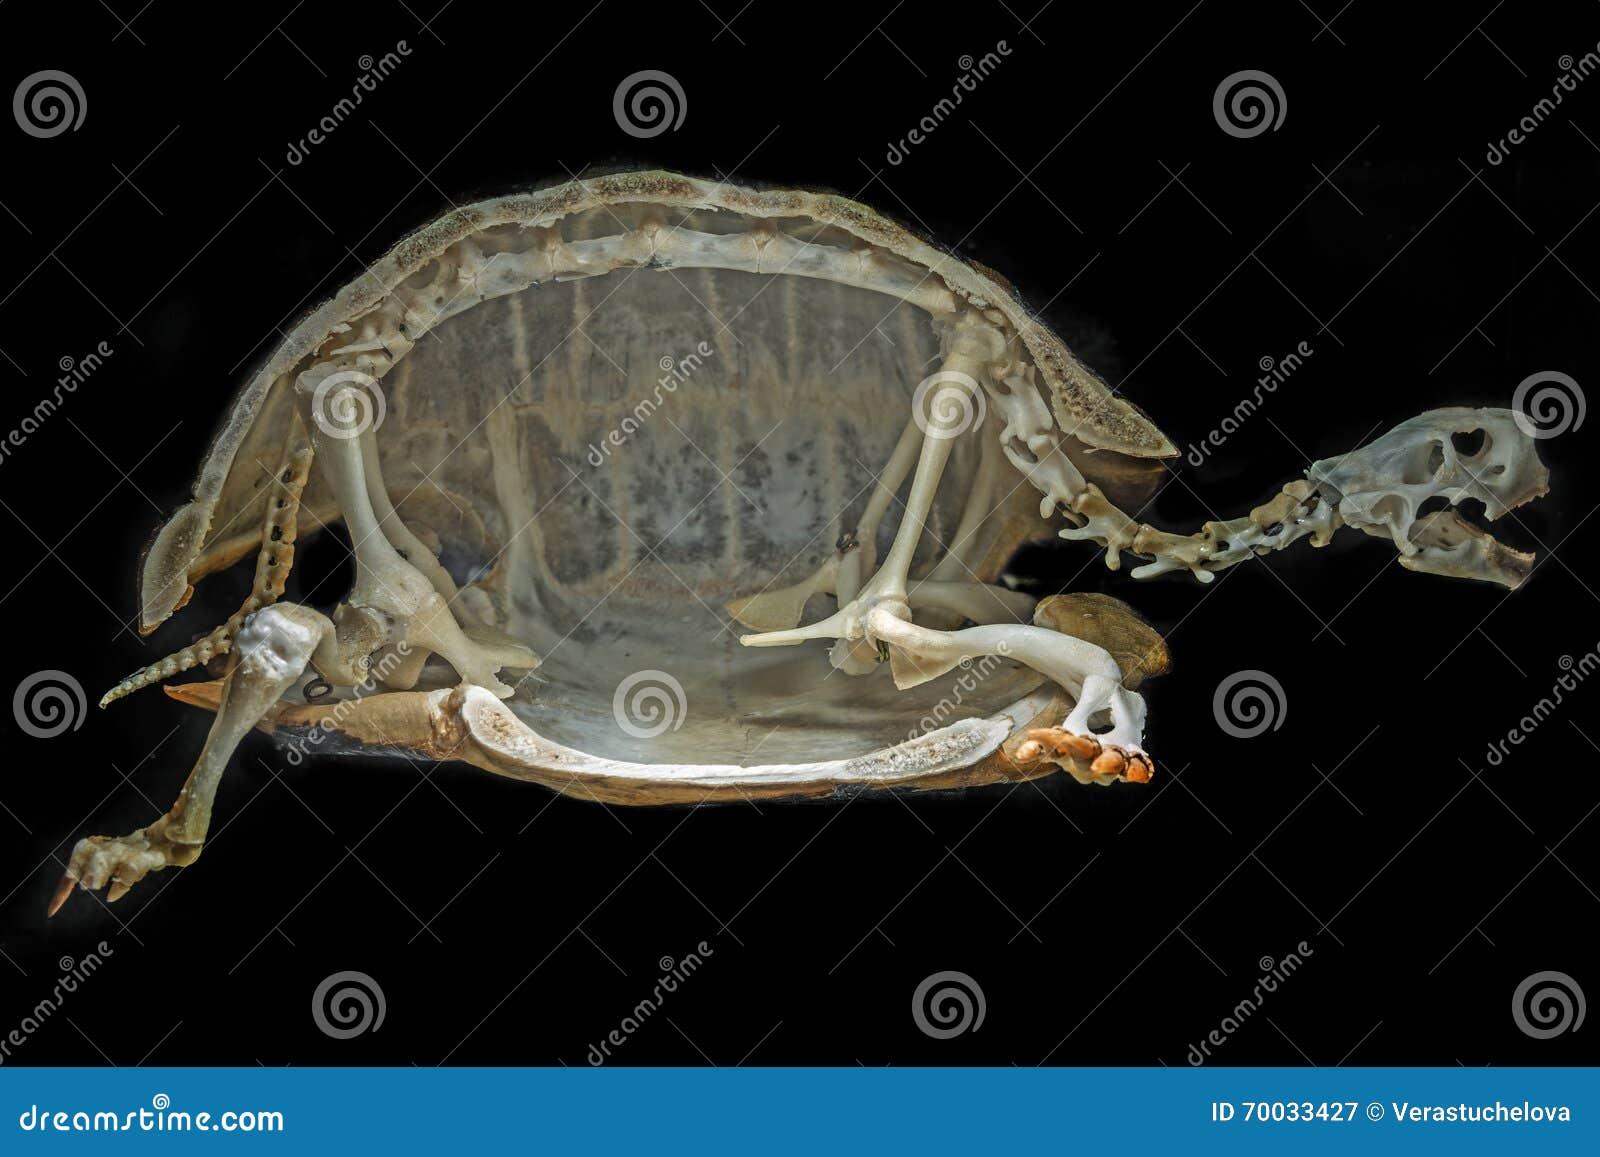 Esqueleto en una tortuga imagen de archivo. Imagen de foto - 70033427